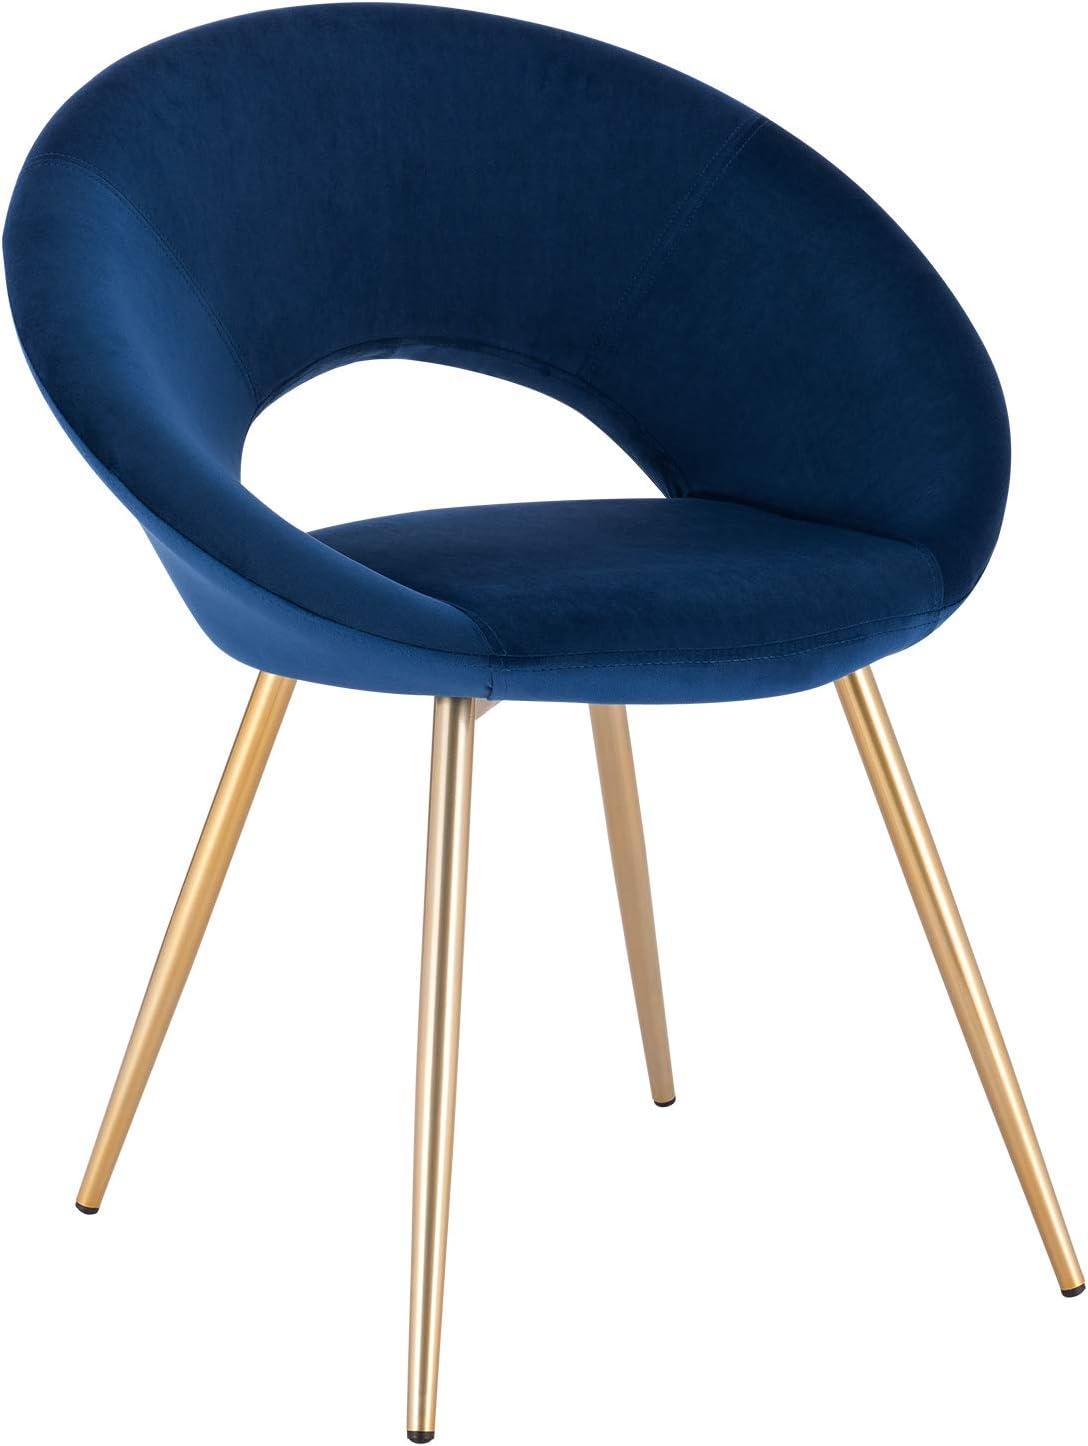 WOLTU® Esszimmerstuhl BH230bl 1 1 Stück Küchenstuhl Polsterstuhl Wohnzimmerstuhl Sessel, Sitzfläche aus Samt, Gold Metallbeine, Blau